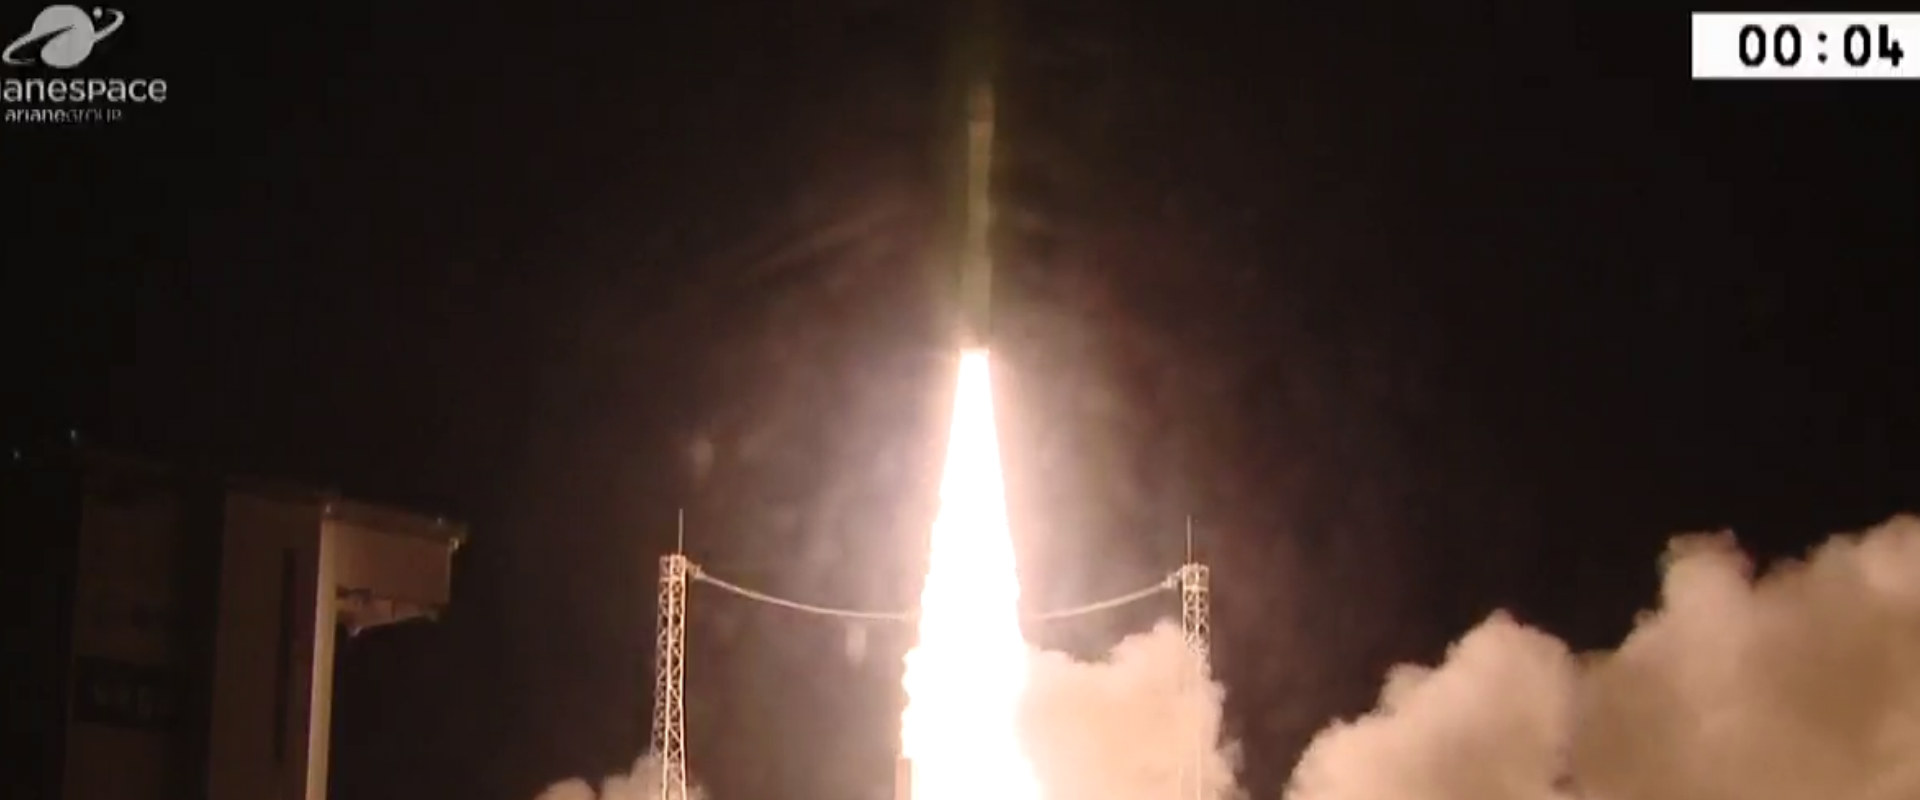 שיגור הלוויינים, לפנות בוקר